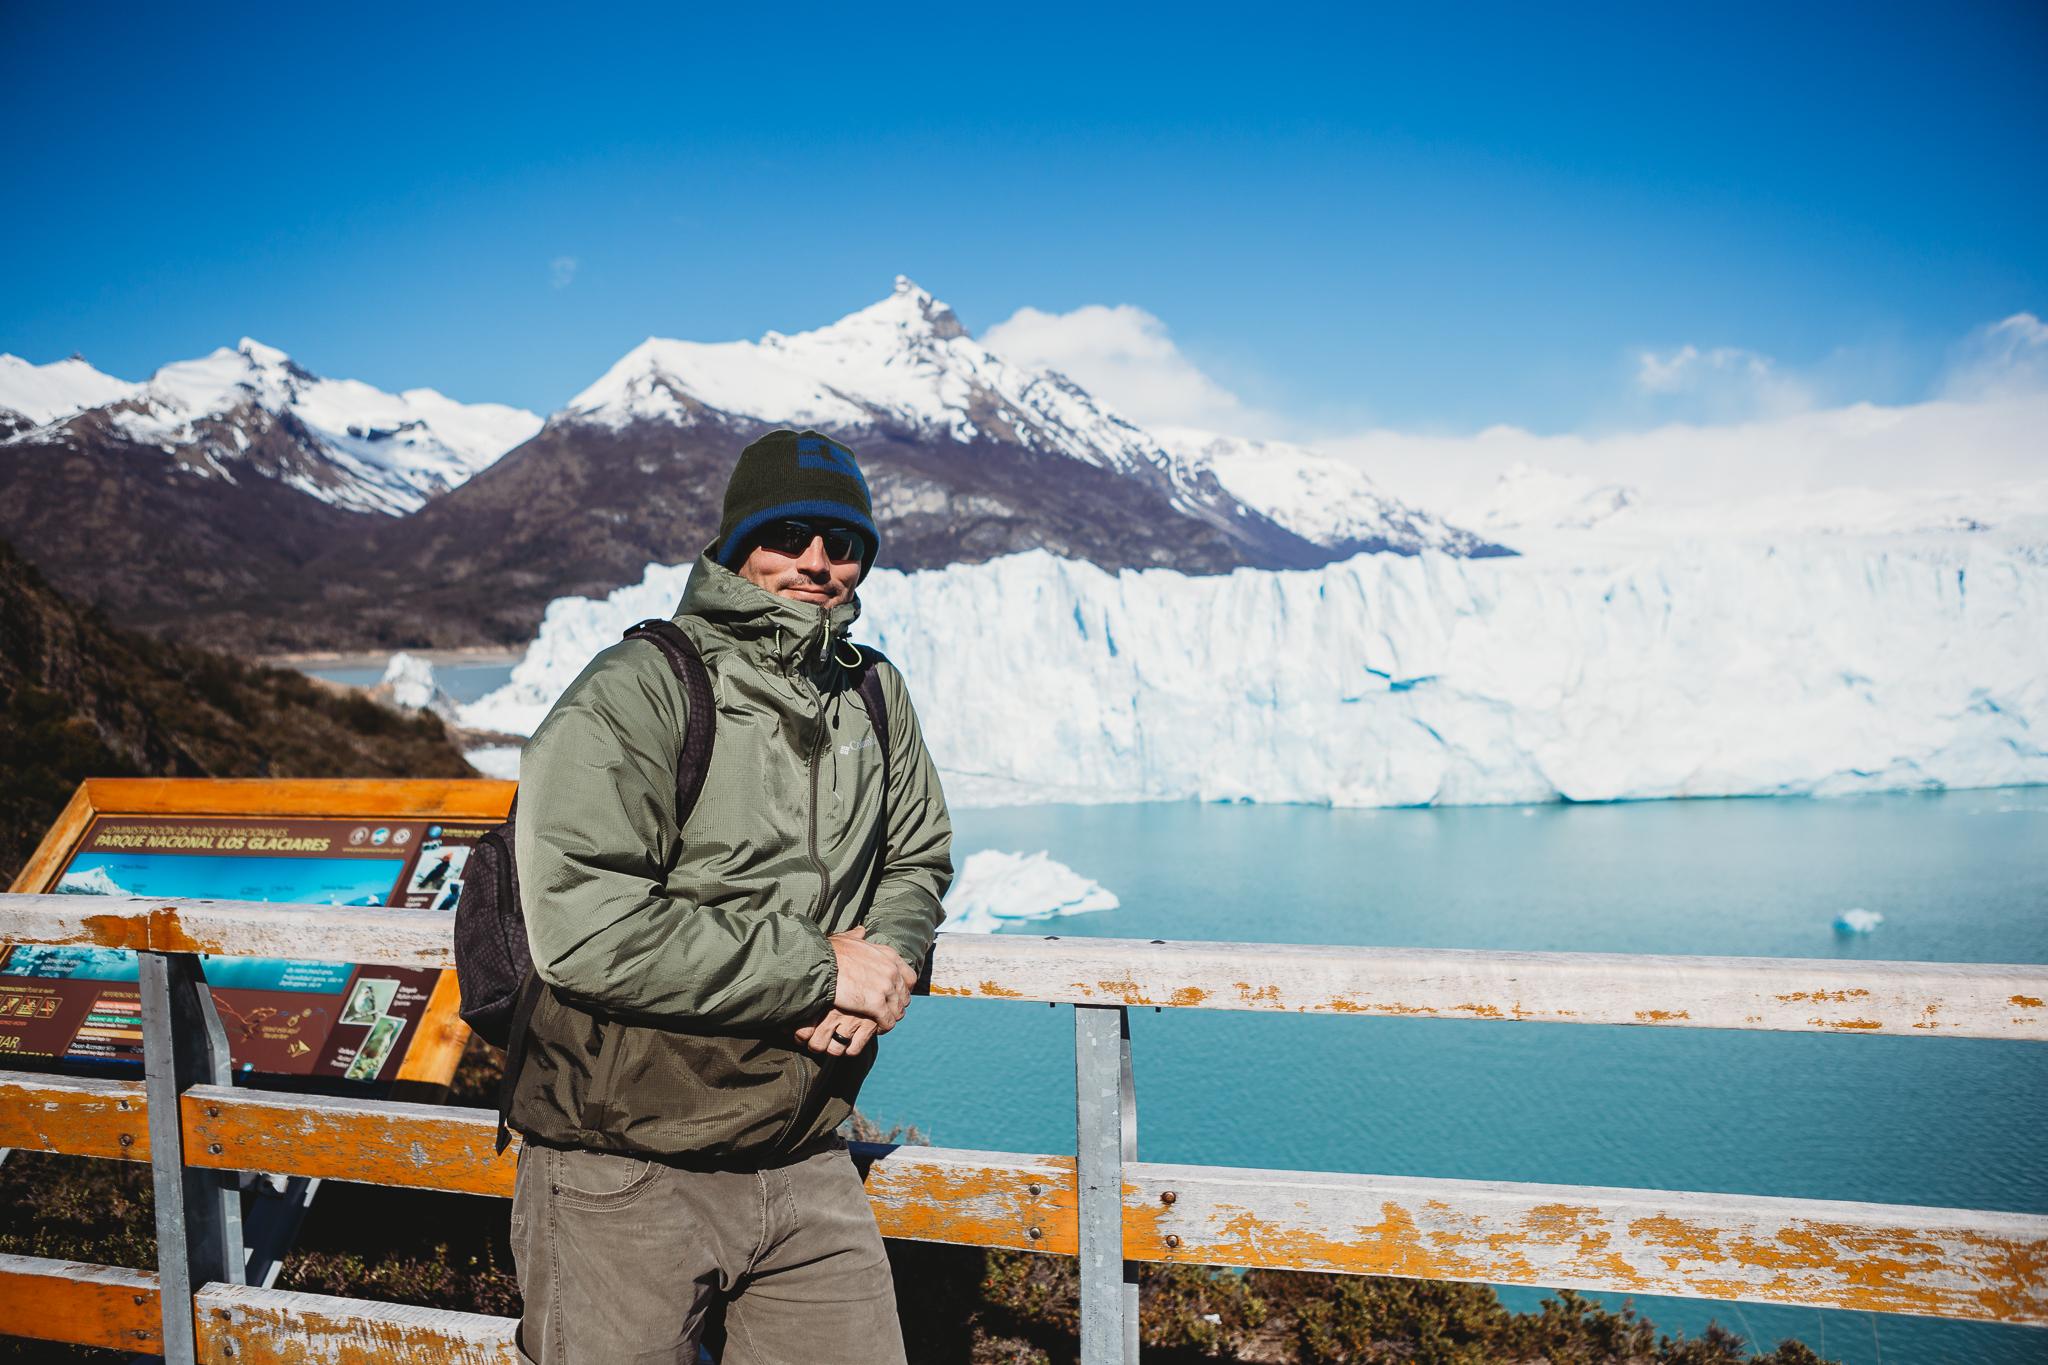 El Calafate, El Chalten, Perito Moreno, Parque Nacional Los Glaciares, Argentina, Buenos Aires-18.jpg